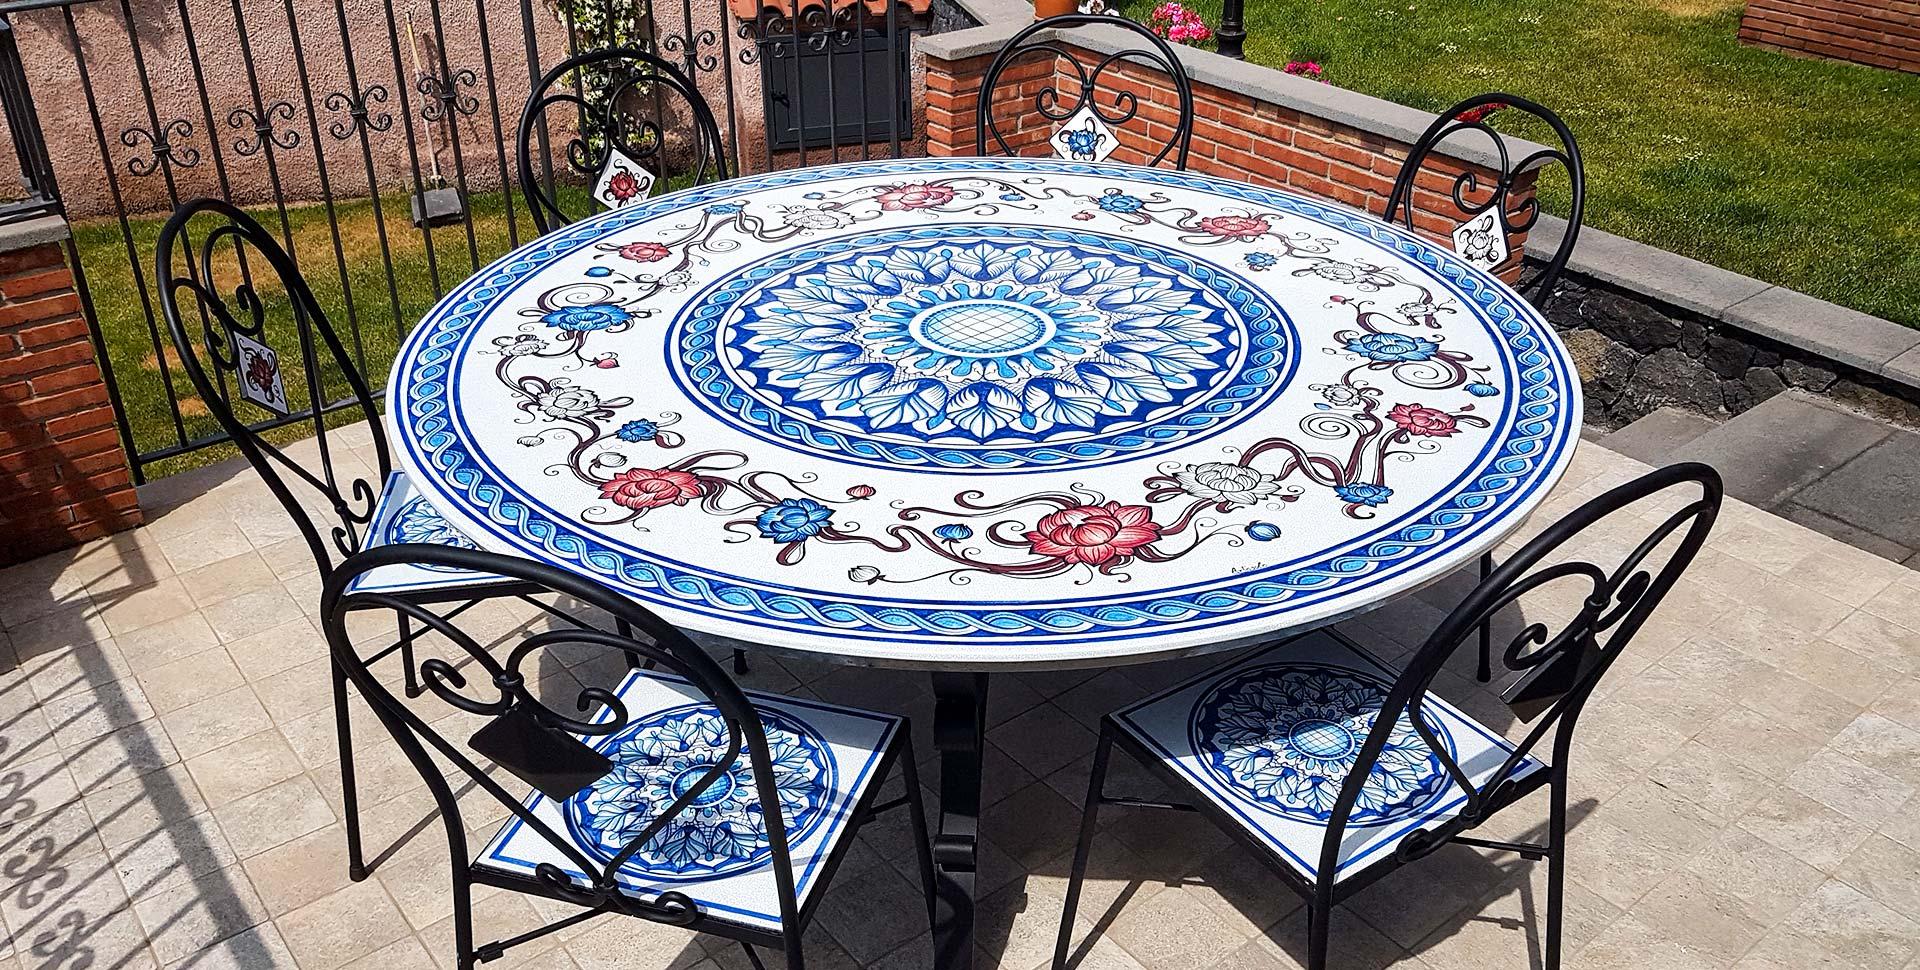 Tavoli in Pietra Lavica decorati a mano - info e prezzi | Artesole